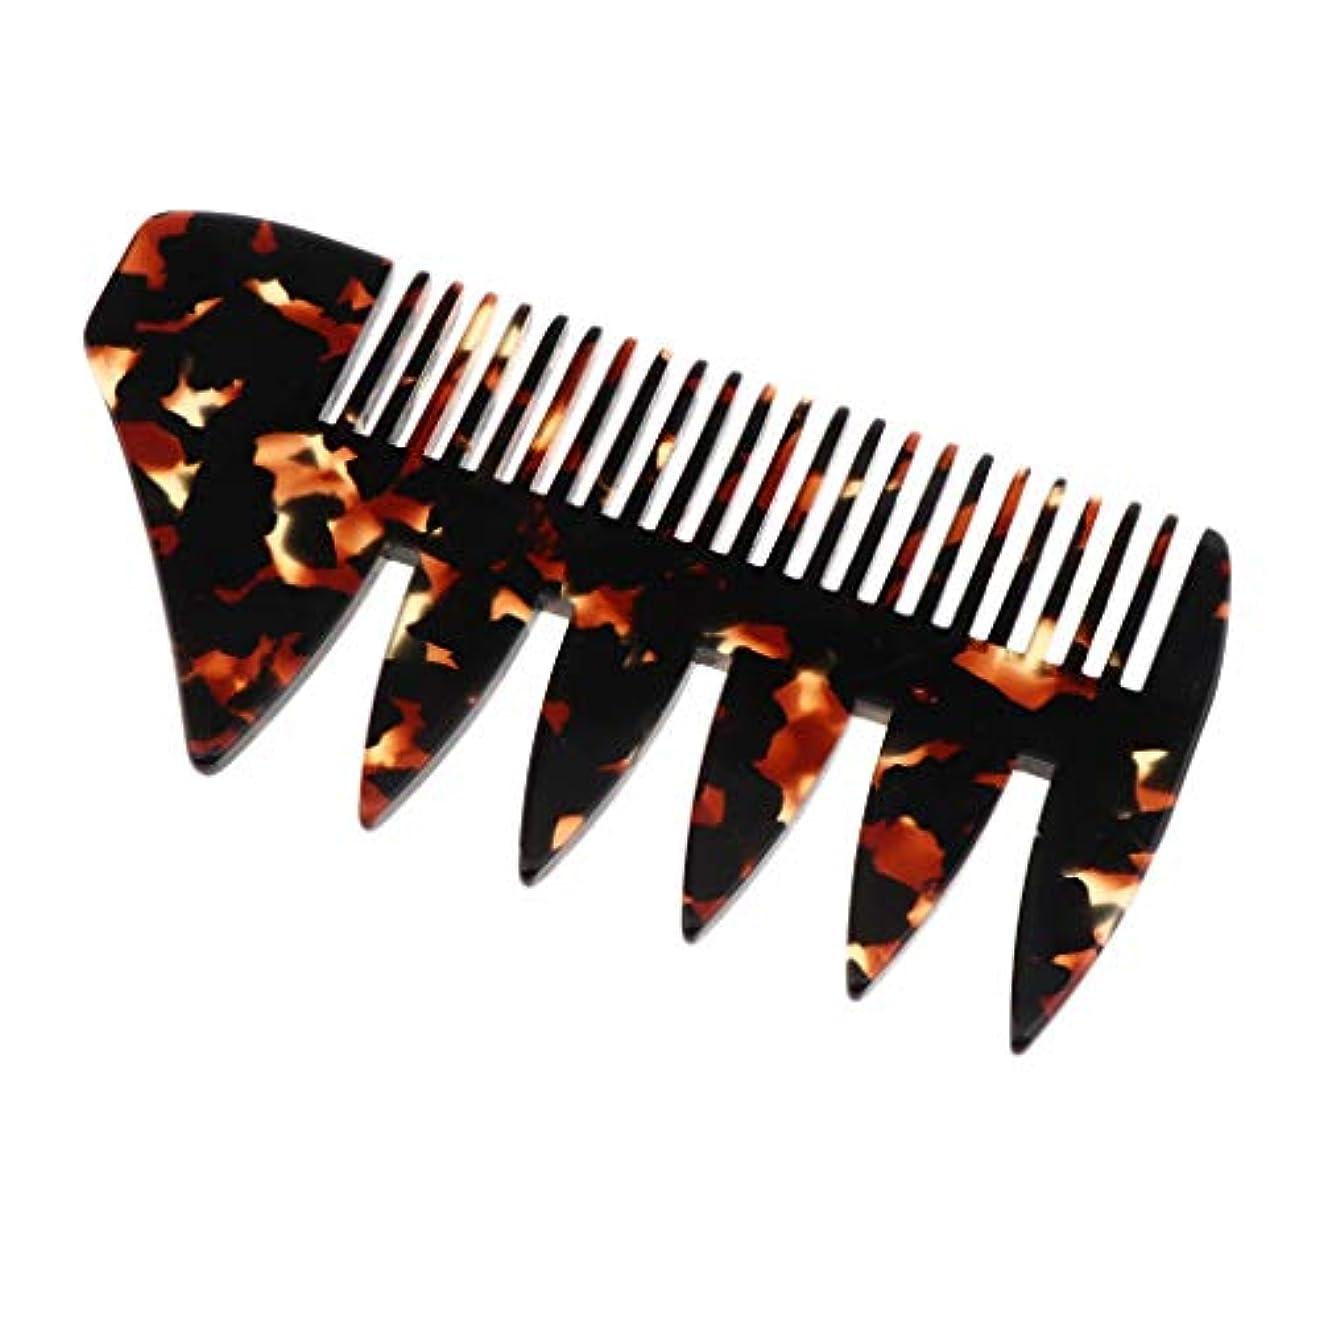 内なる狼キッチン全4色選択 ヘアコーム ヘアブラシ 頭皮マッサージ 広い歯 木製櫛 帯電防止 - 黒